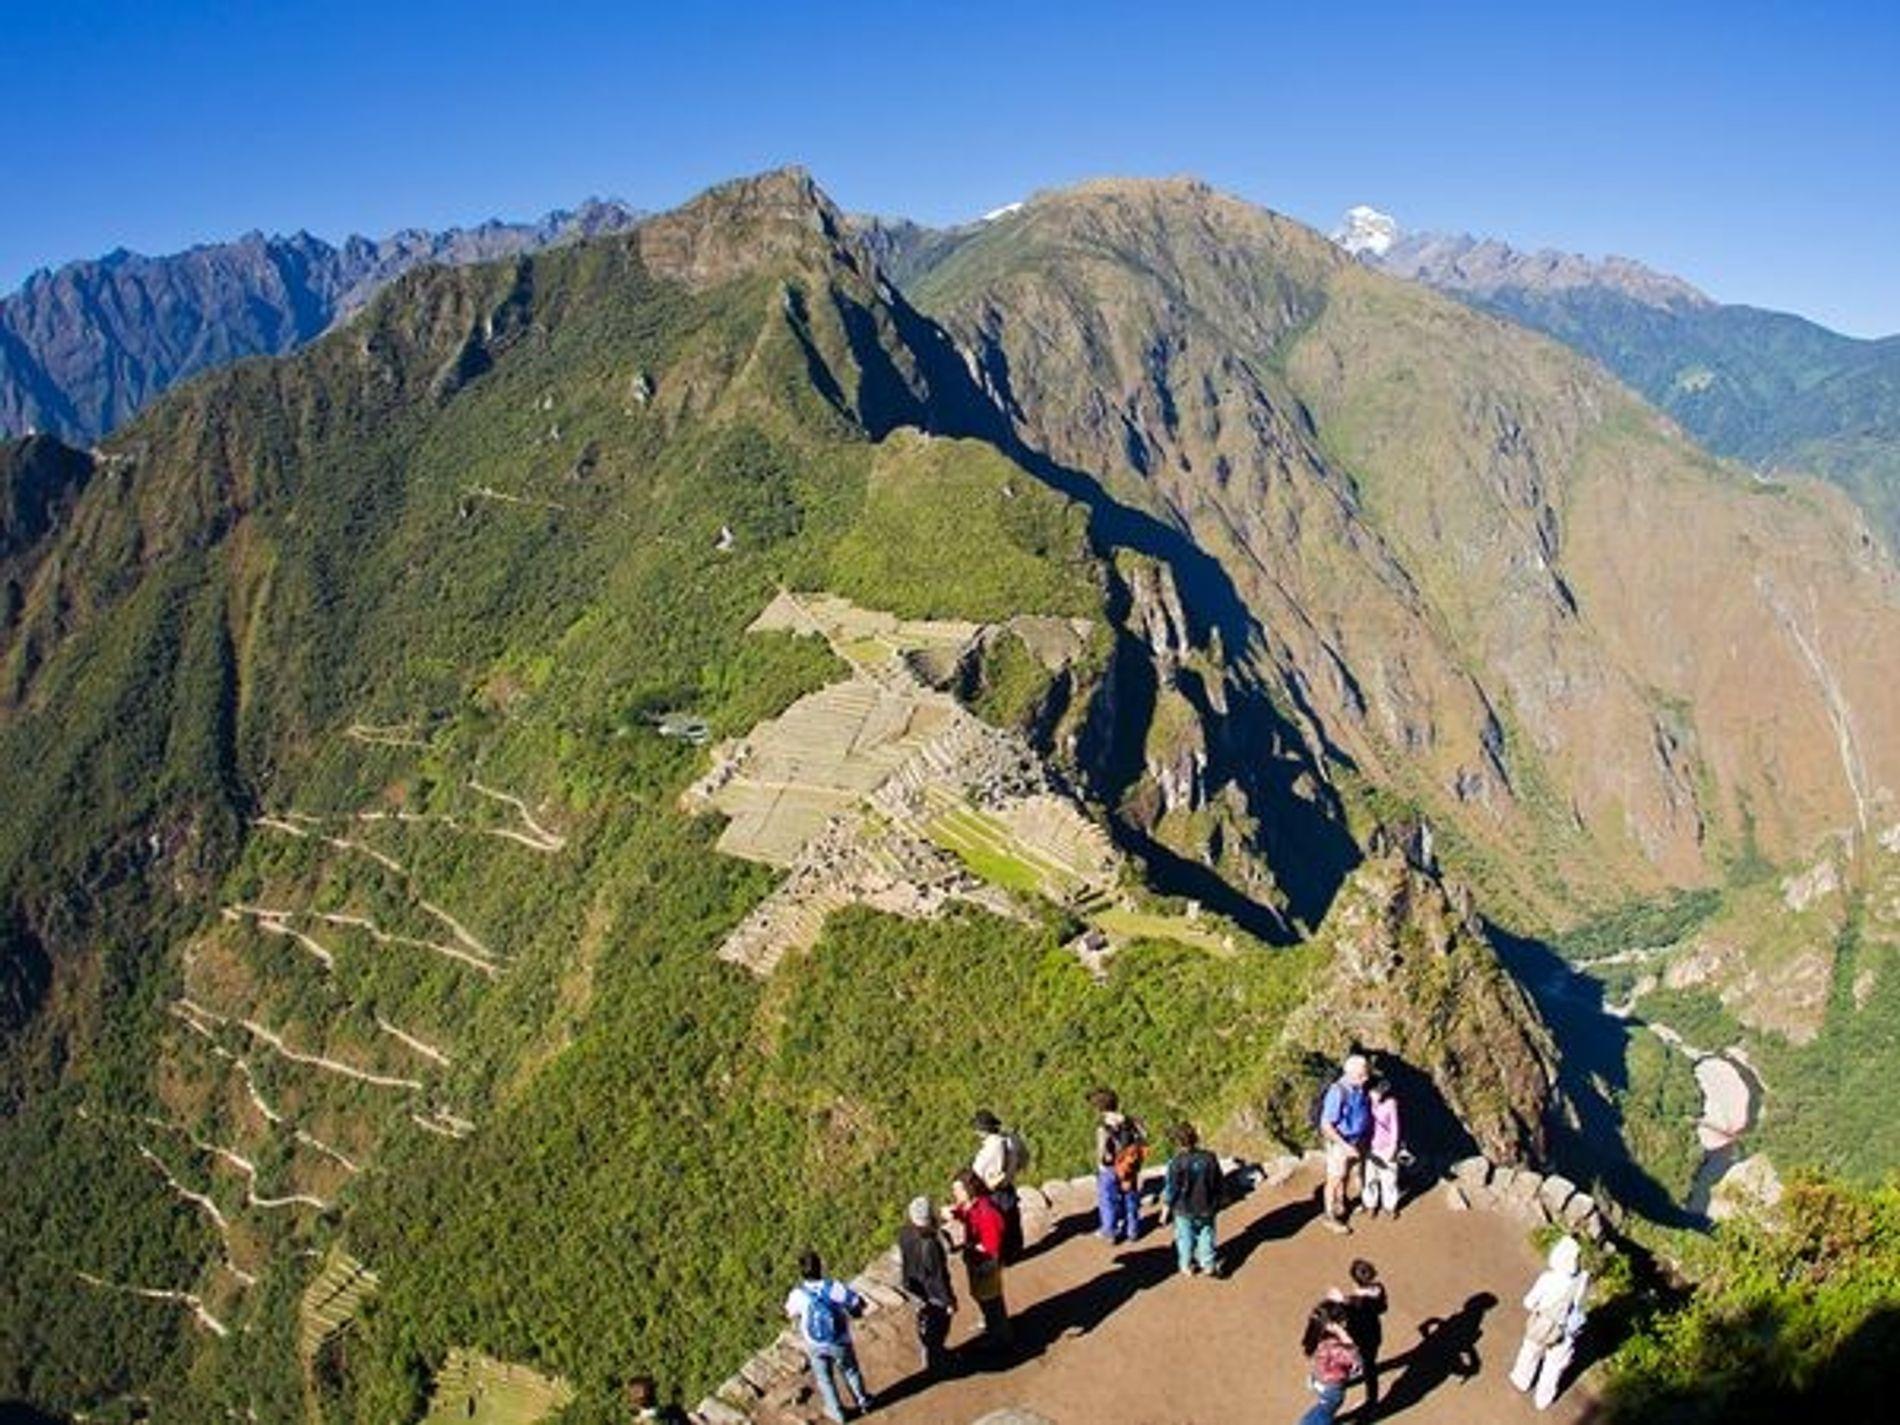 La cima del Huayna Picchu, también conocido como Wayna Picchu, les ofrece a los turistas una visión panorámica del Machu Picchu.